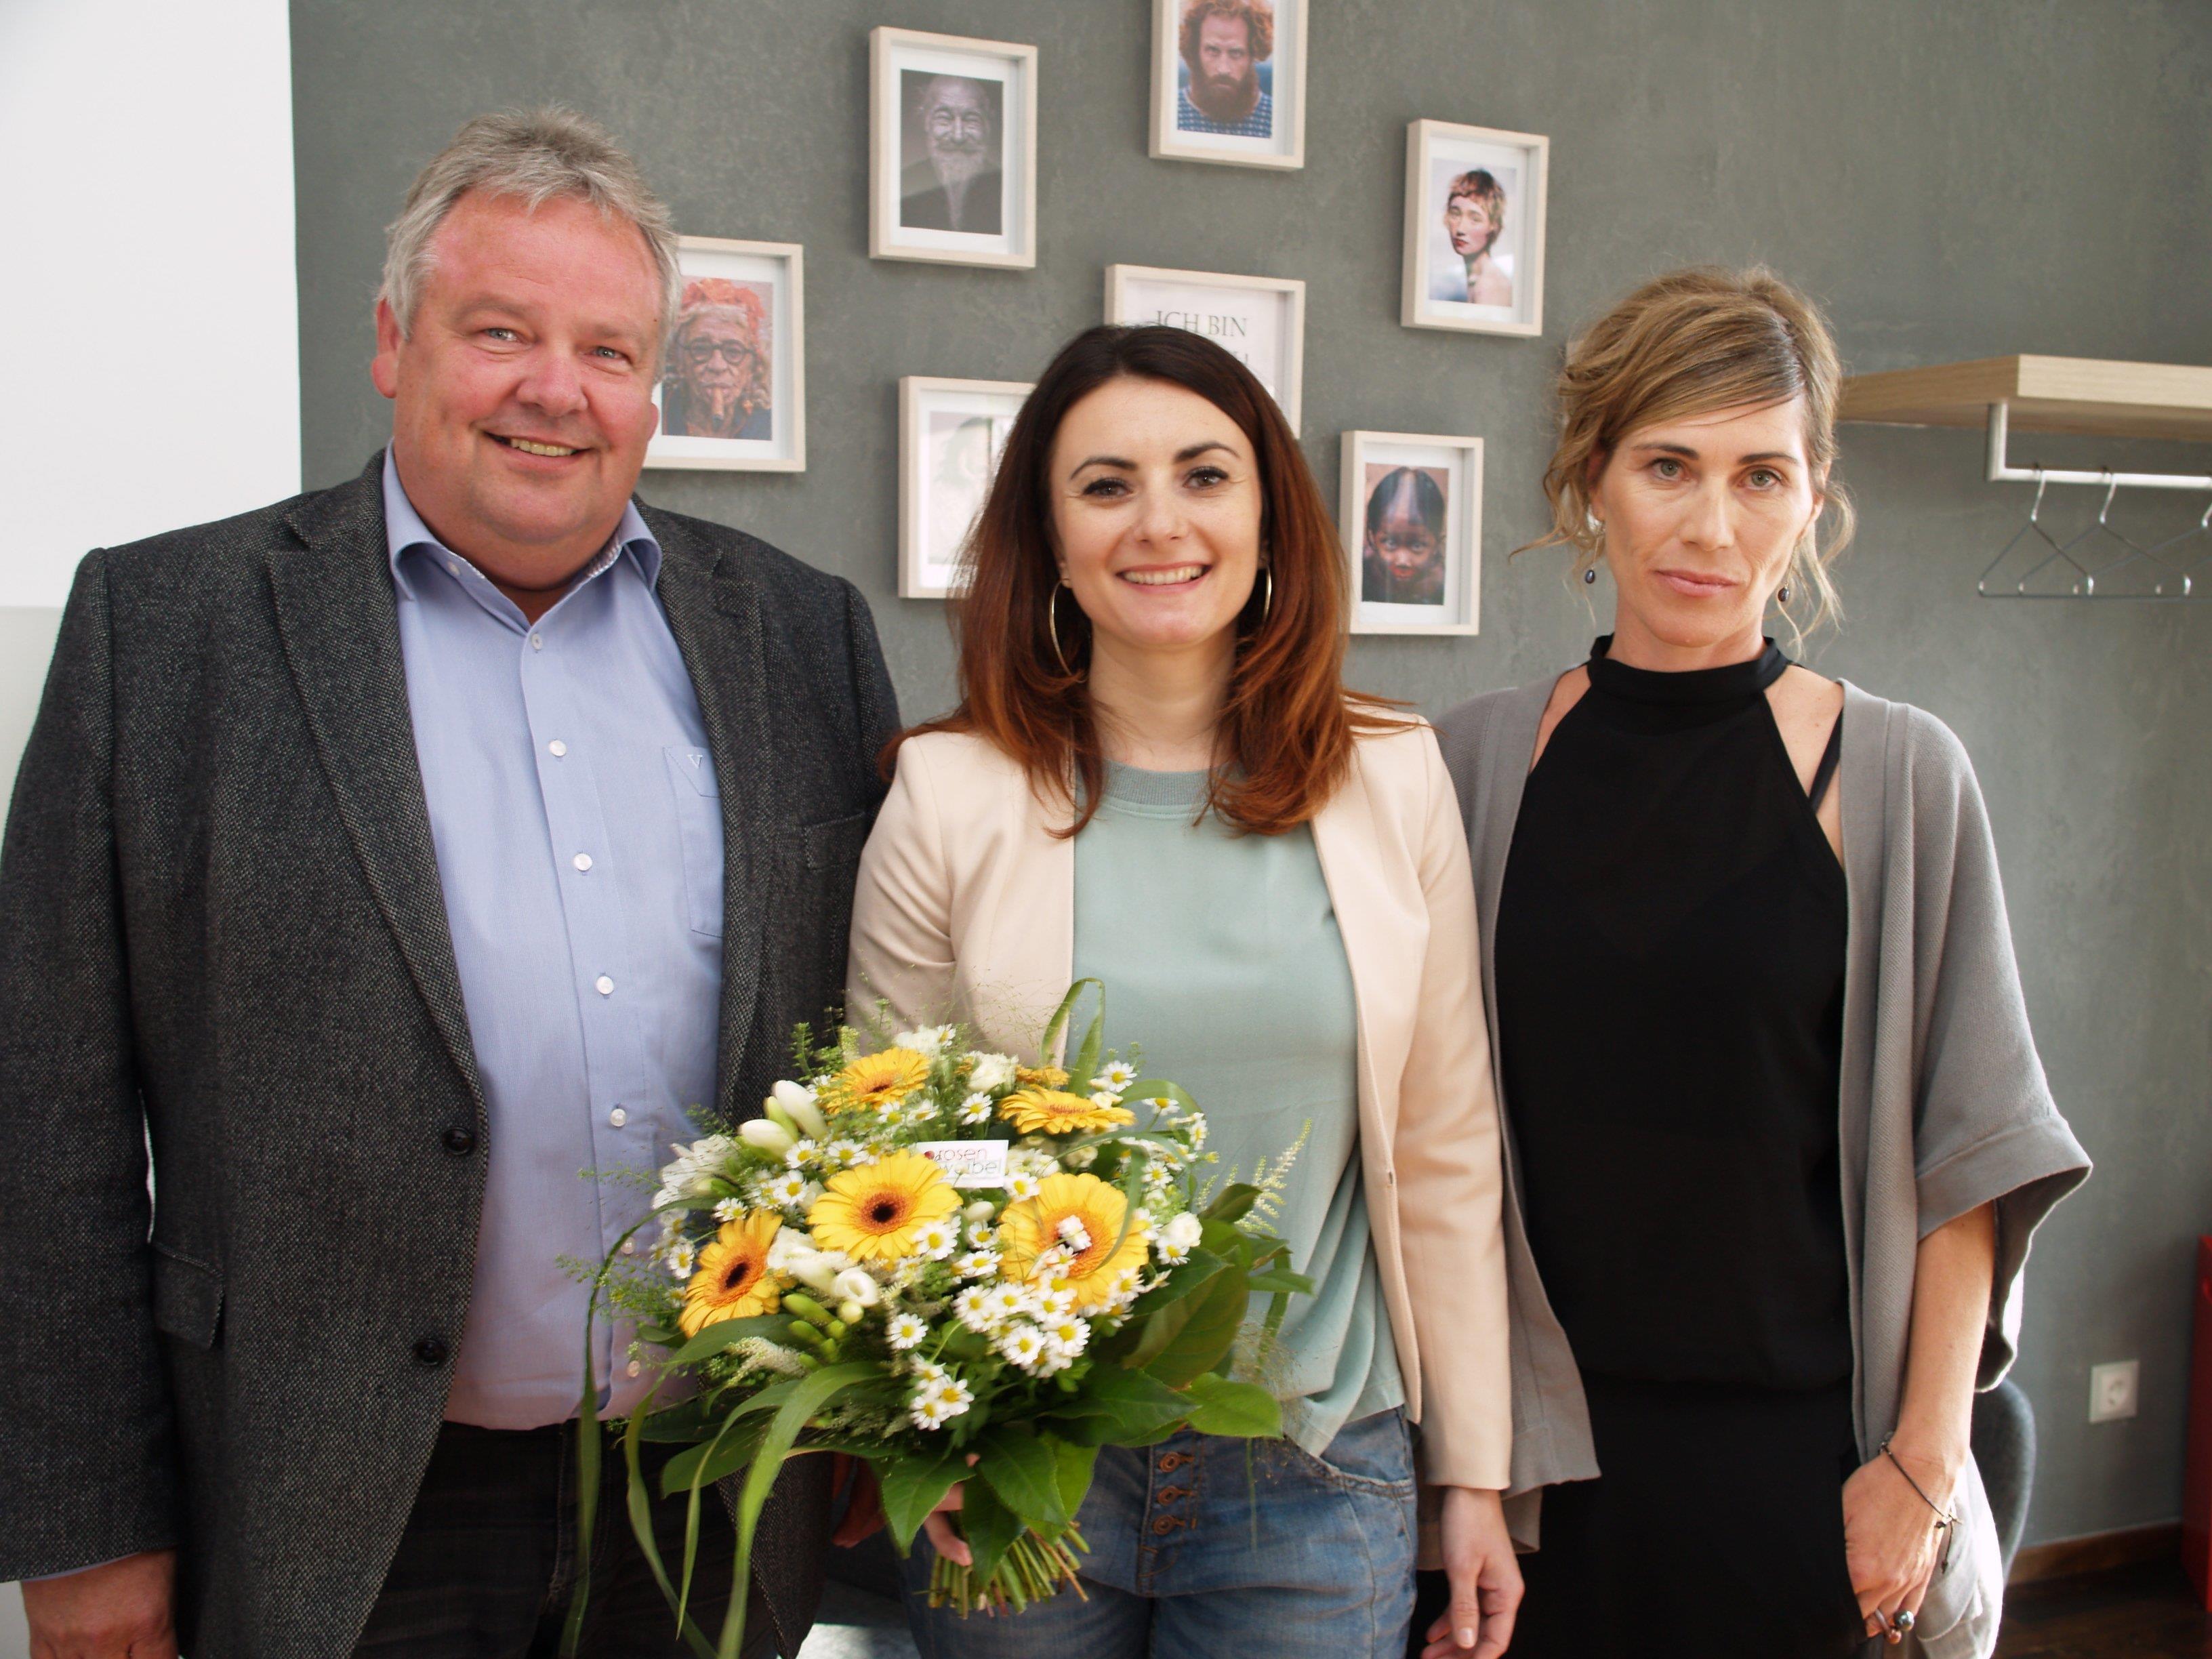 Bürgermeister Karl Wutschitz mit Irina Hocak und Gaby Lins bei der Eröffnung.